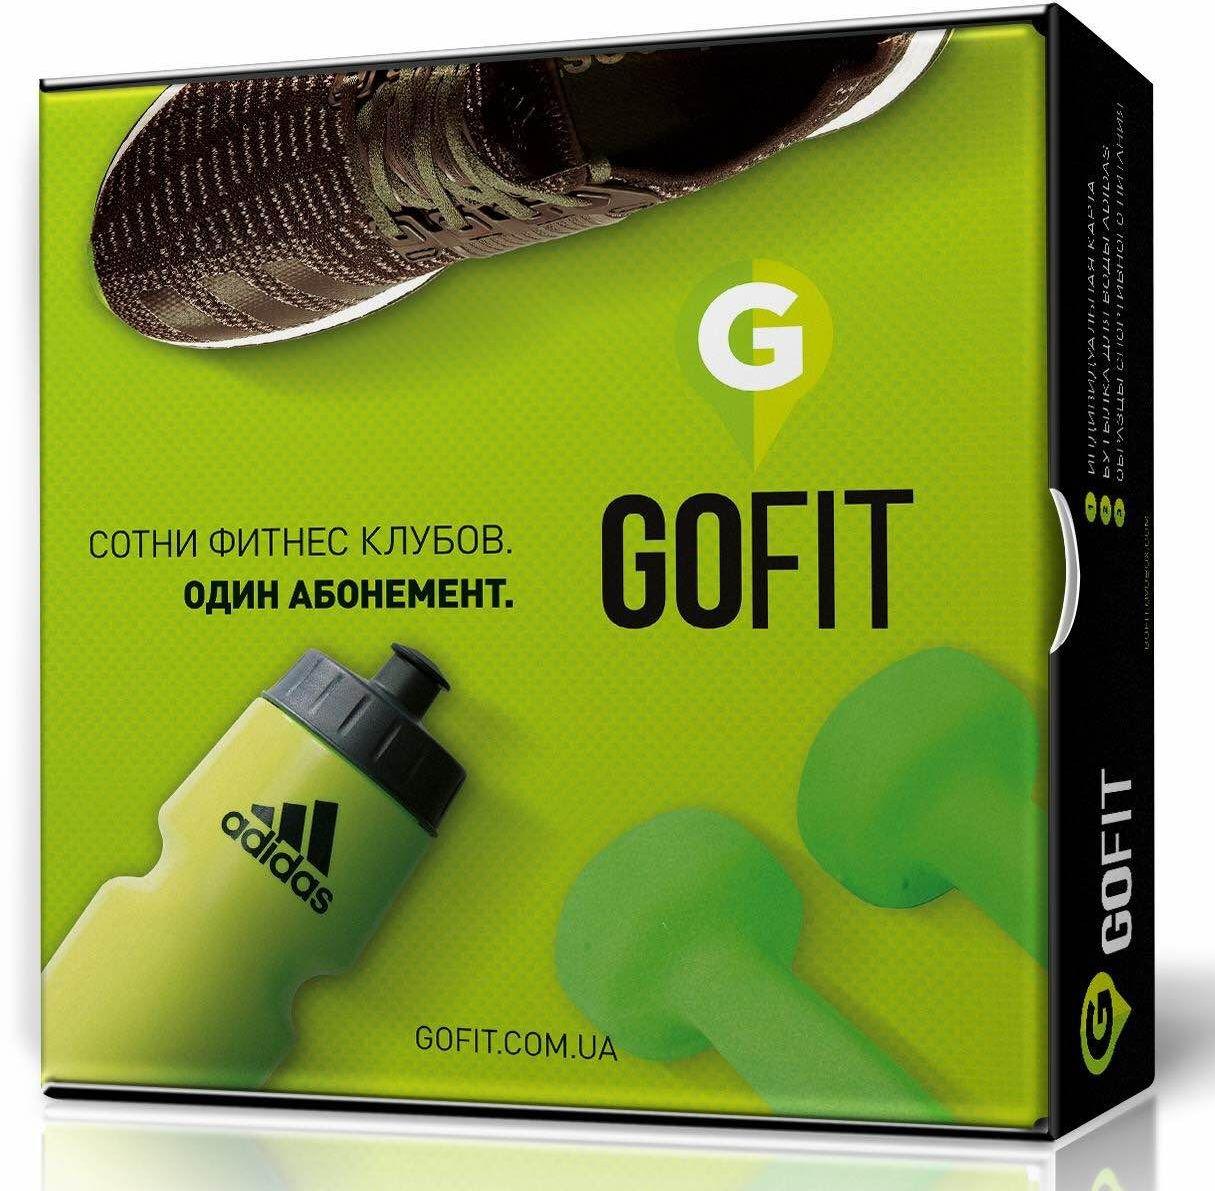 Дорогу спорту! GoFit - твой мульти-абонемент в лучшие киевские фитнес-клубы